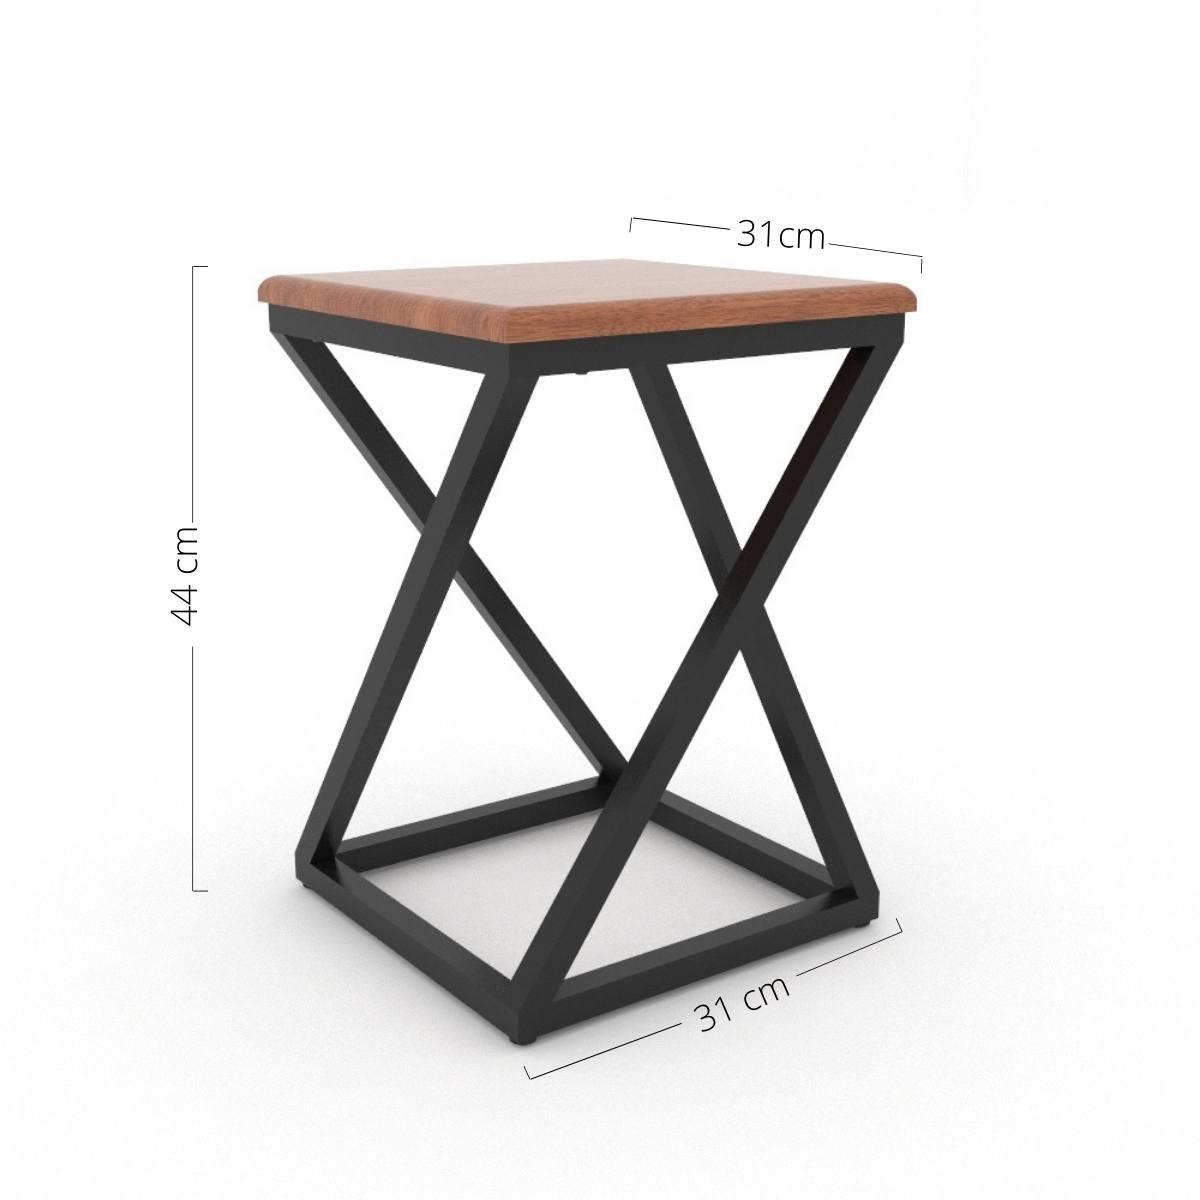 Banqueta de madeira HP-00244G Kit com 4